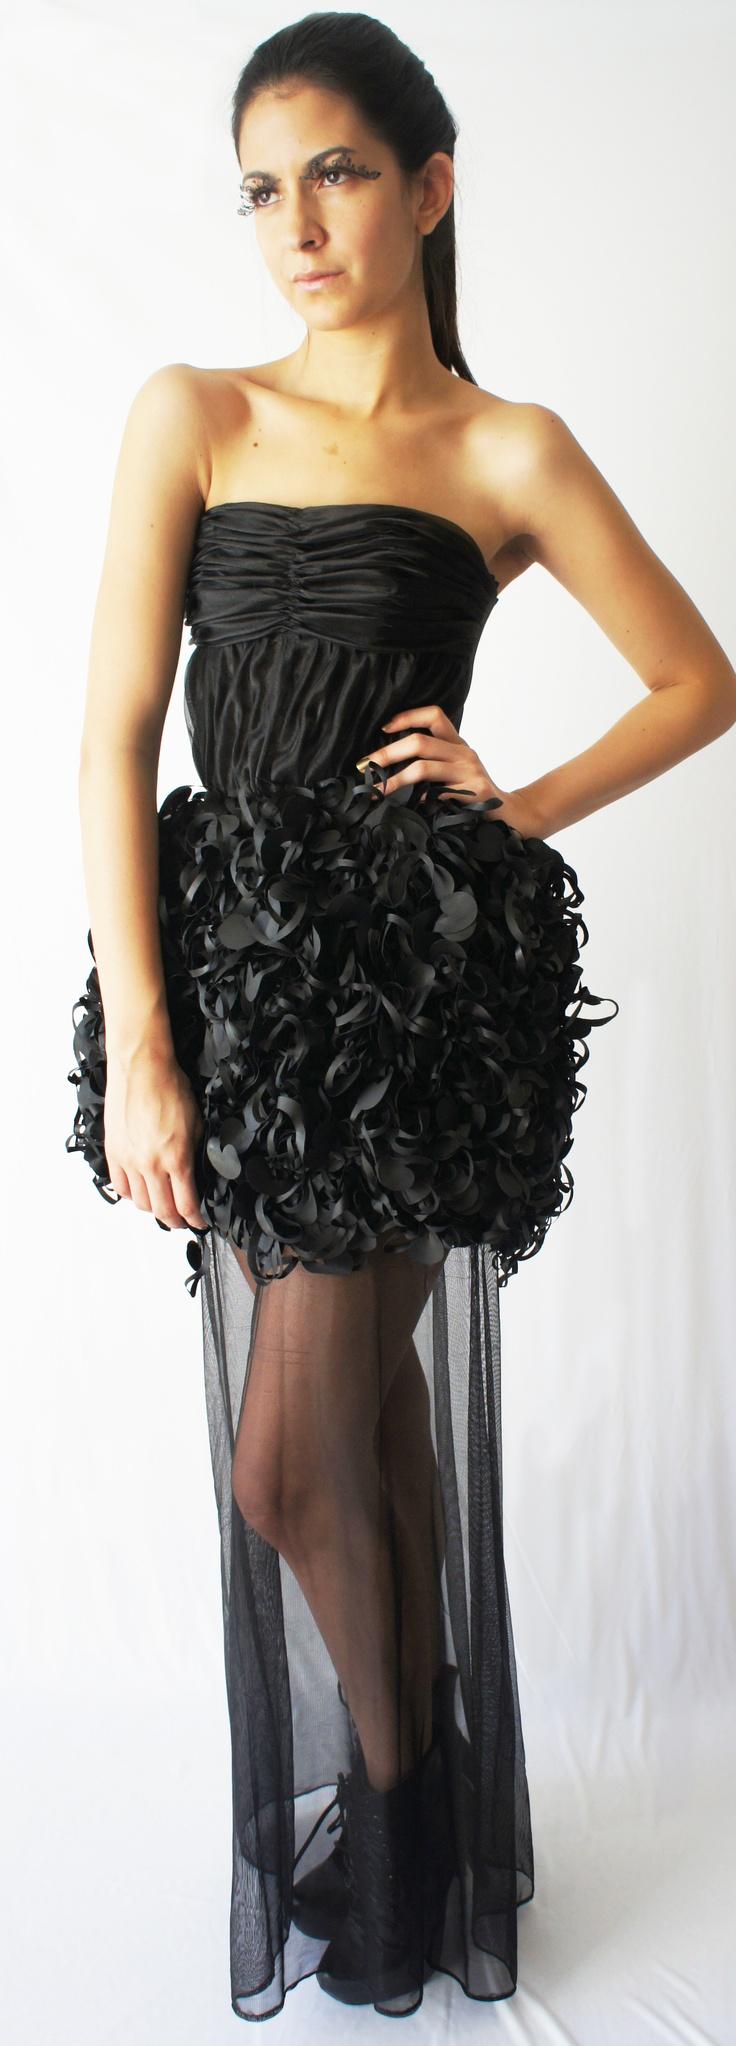 Este vestido fue realizado con tramado textil, ques es montar un marco a mano, despues ir tejiendo pieza por pieza hasta que tenga el tamaño que se busca, dandonos este hermoso resultado